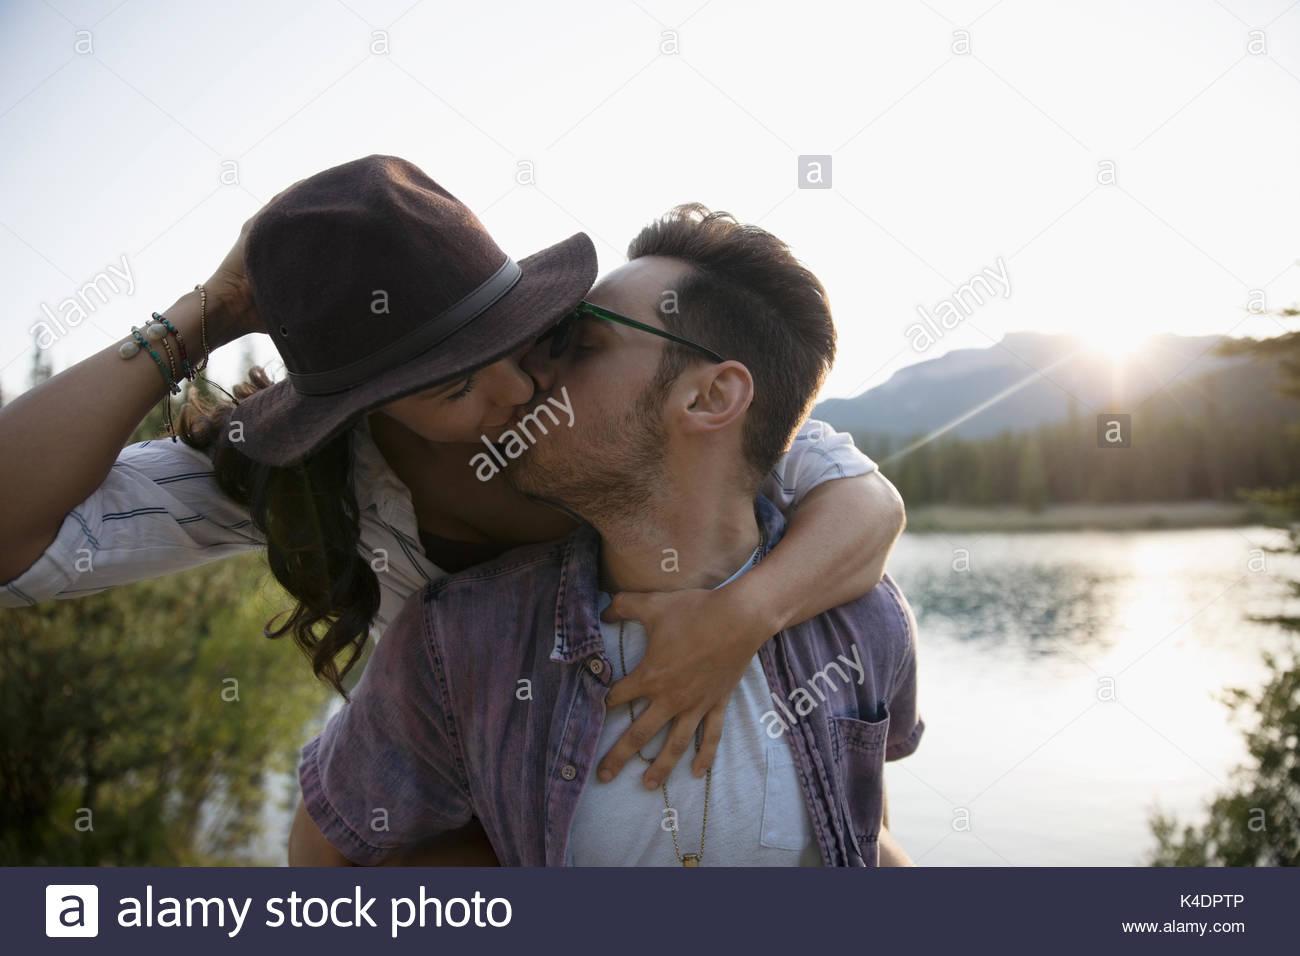 Afectuosa pareja romántica sumarse y besarse en el verano lakeside Imagen De Stock